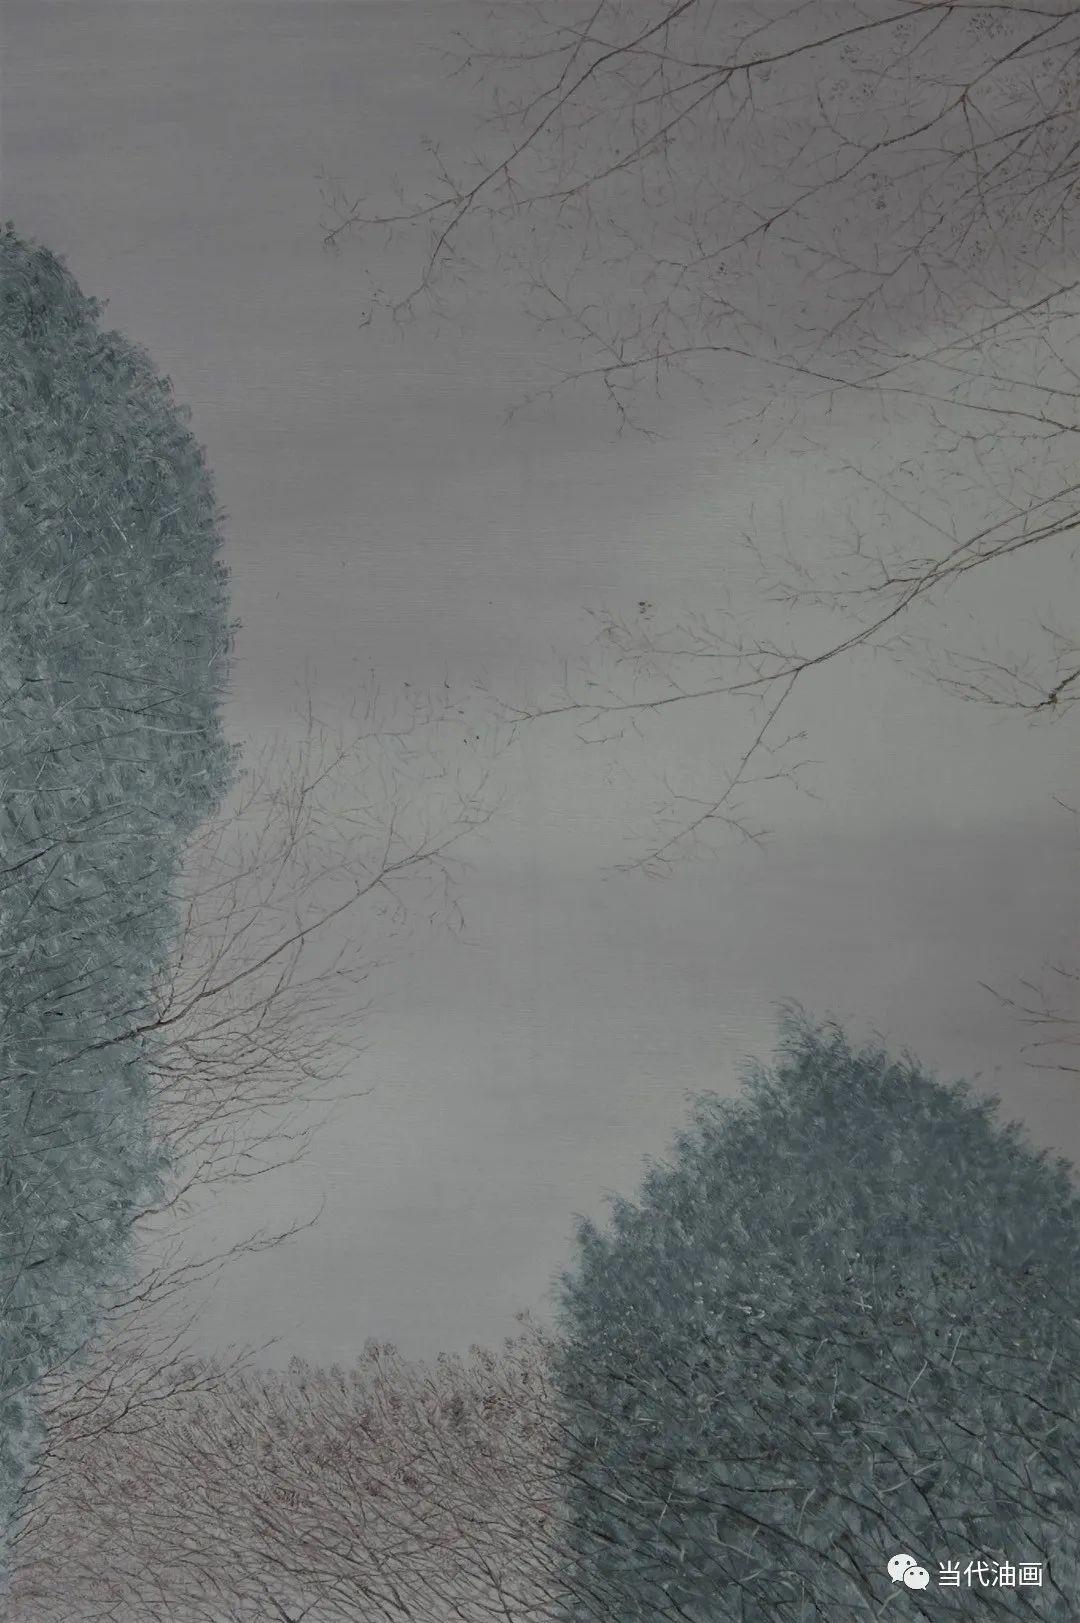 源流:当代绘画展作品欣赏之 | 朱庆财插图27